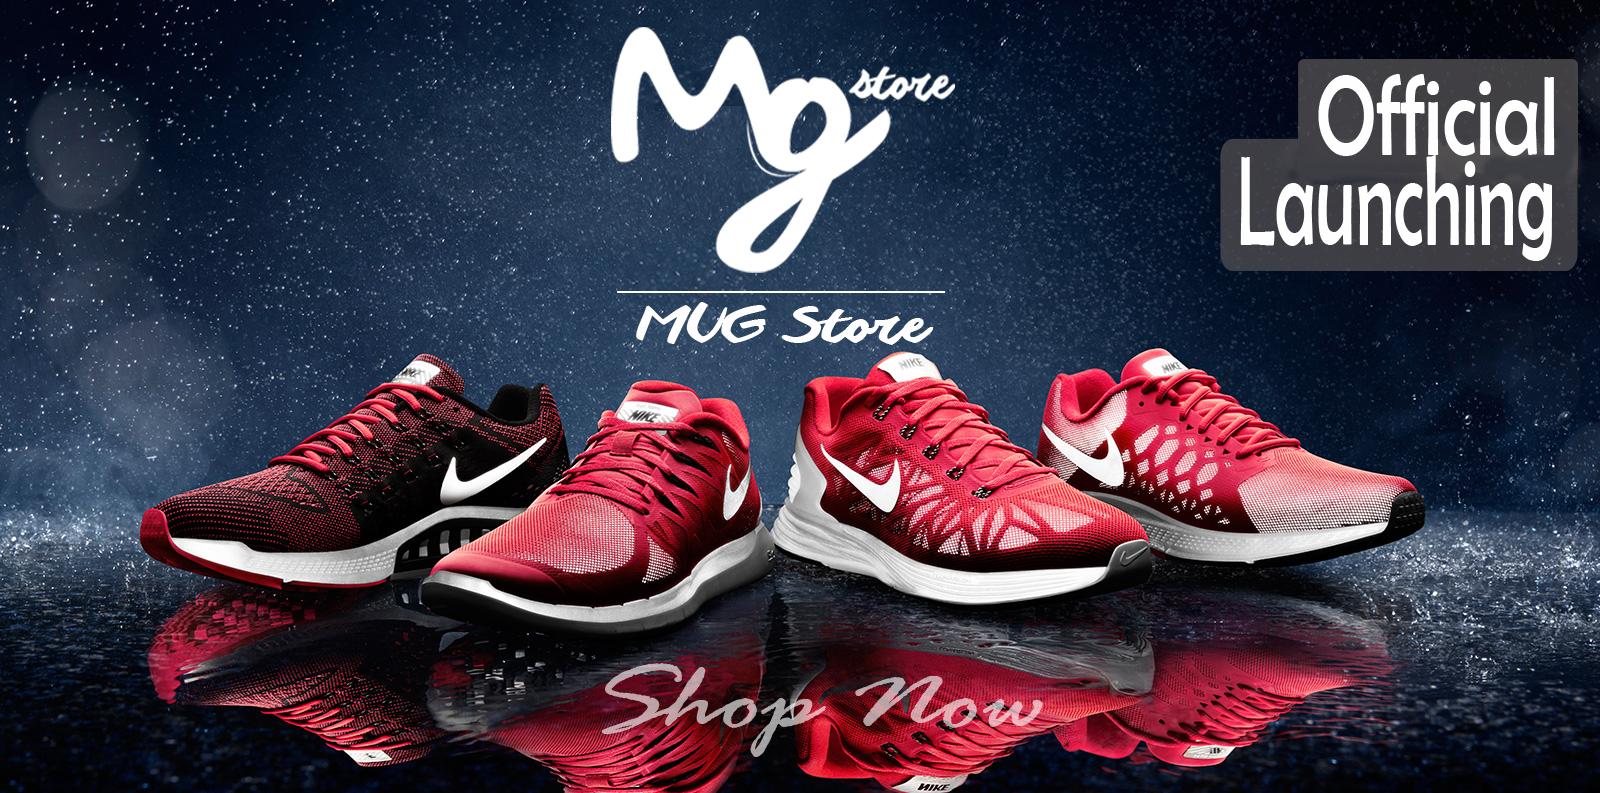 JUAL SEPATU NIKE AIRMAX ZERO MEN - Jual Sepatu Nike Murah b1f3f536ec